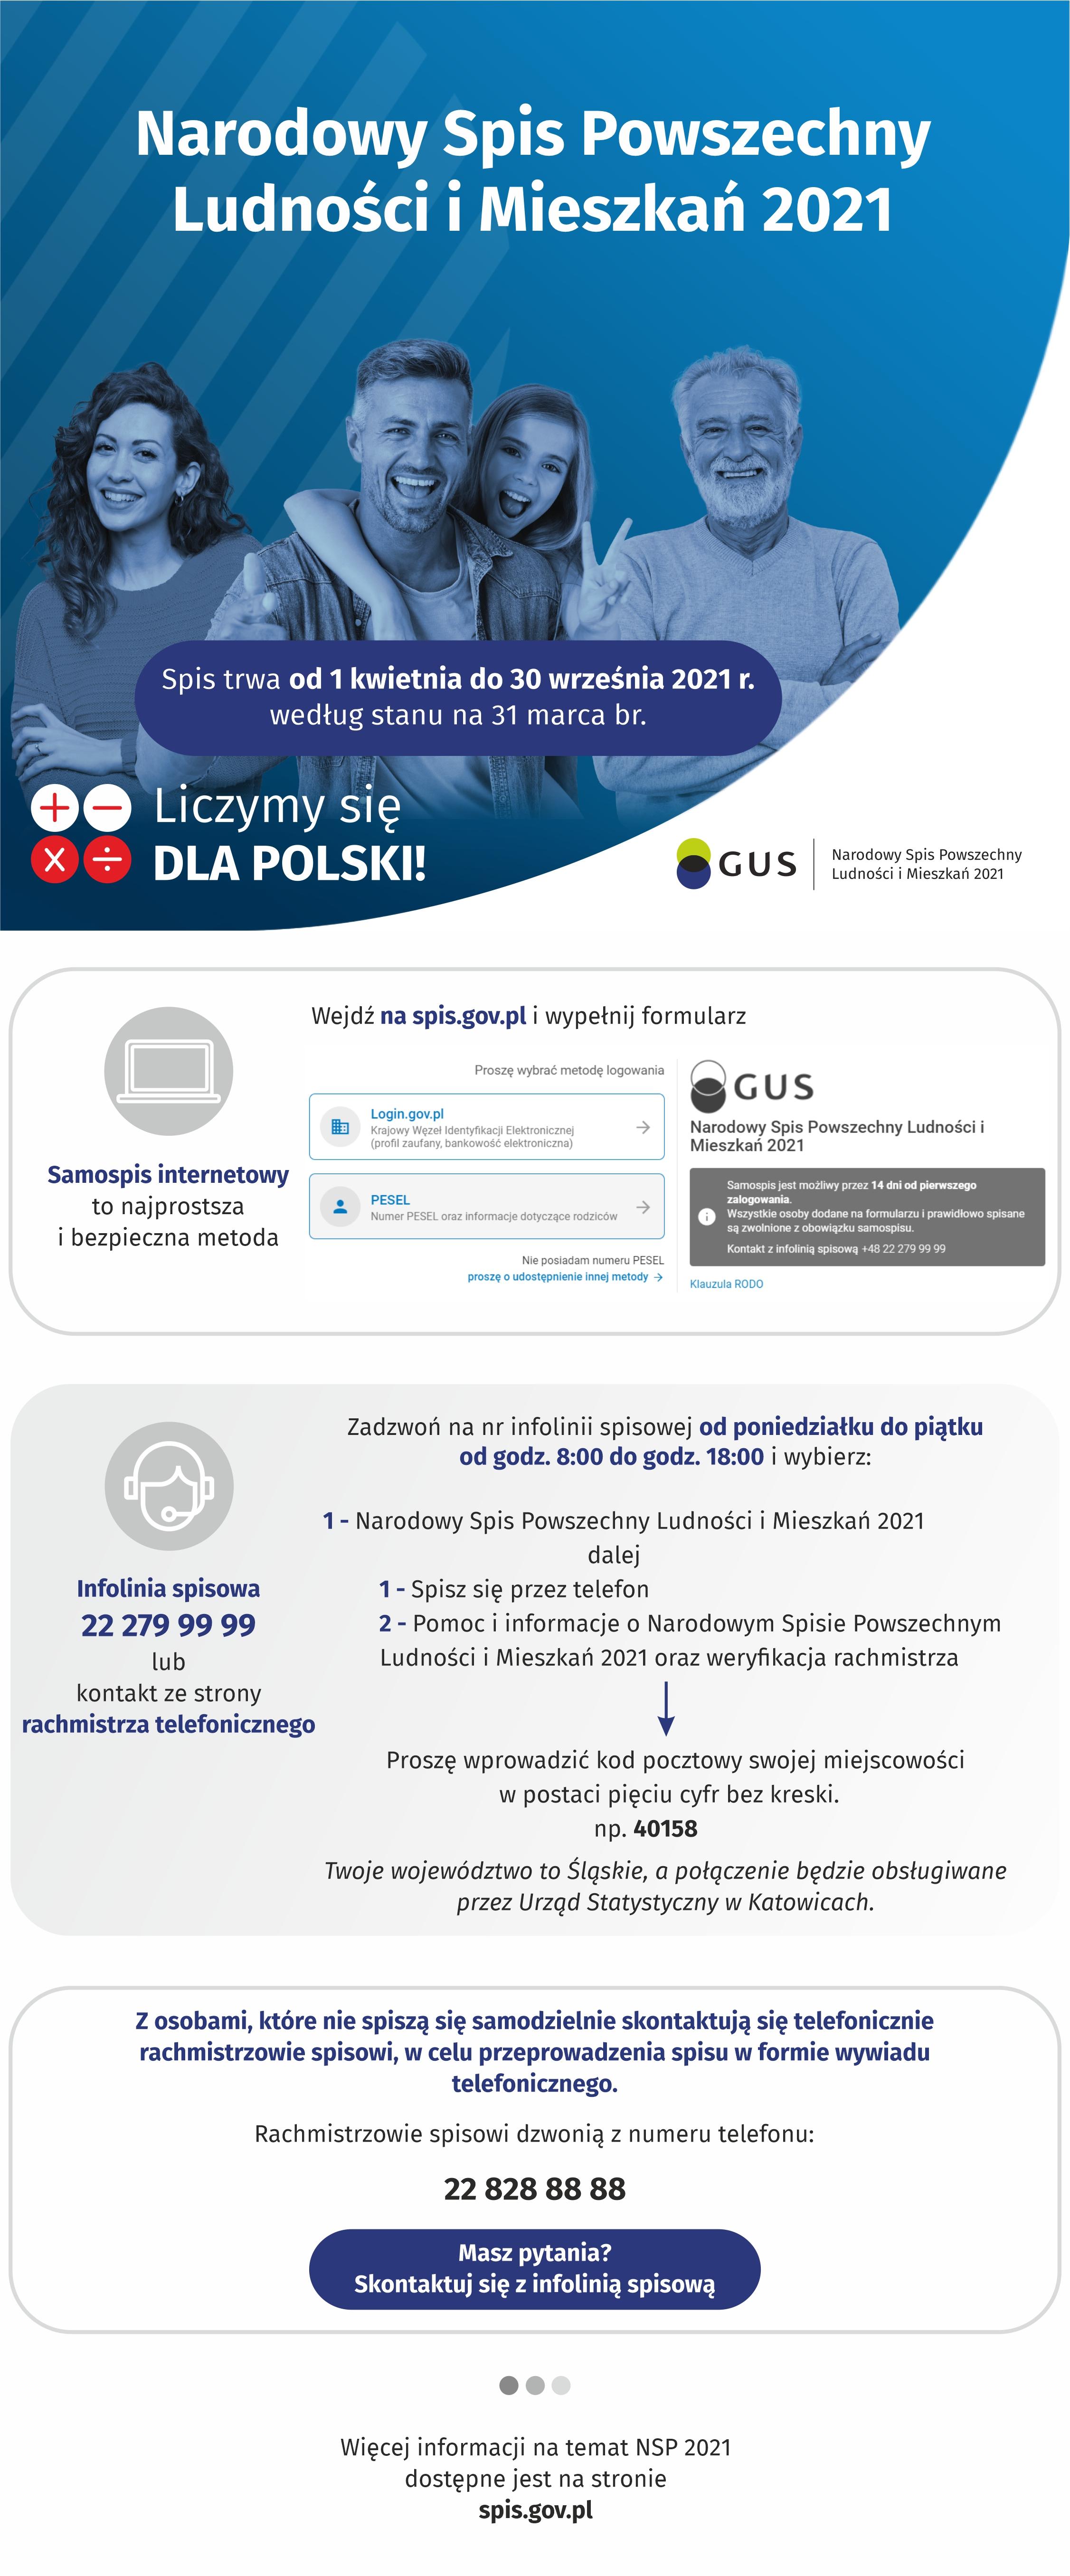 """Grafika w kolorystyce biało-granatowej. Od góry duży biały napis """"Narodowy Spis Powszechny Ludności i Mieszkań 2021""""na tle niebieskiego zdjęcia przedstawiającego uśmiechniętych ludzi. W dolnym lewym rogu zdjęcia napis """"Liczymy się dla Polski"""". W dolnym prawym rogu logo spisowe. Na zdjęciu na granatowej belce widnieje napis: """"Spis trwa od 1 kwietnia do 30 września 2021 r. według stanu na 31 marca br."""" Poniżej: """"Samospis internetowy to najprostsza i bezpieczna metoda"""", z prawej strony skan strony głównej aplikacji formularza spisowego. W dalszej części znajduje się nr telefonu Infolinii spisowej 22 279 99 99 oraz ogólne informacje, jak postępować po połączeniu się z infolinią. Poniżej zapis: """"Rachmistrzowie spisowi dzwonią z numeru telefonu 22 828 88 88"""". Pod spodem na granatowej belce umieszczony jest napis: """"Masz pytania? Skontaktuj się z infolinią spisową"""", a na samym dole ulotki: """"Więcej informacji na NSP 2021 dostępne jest na stronie spis.gov.pl"""